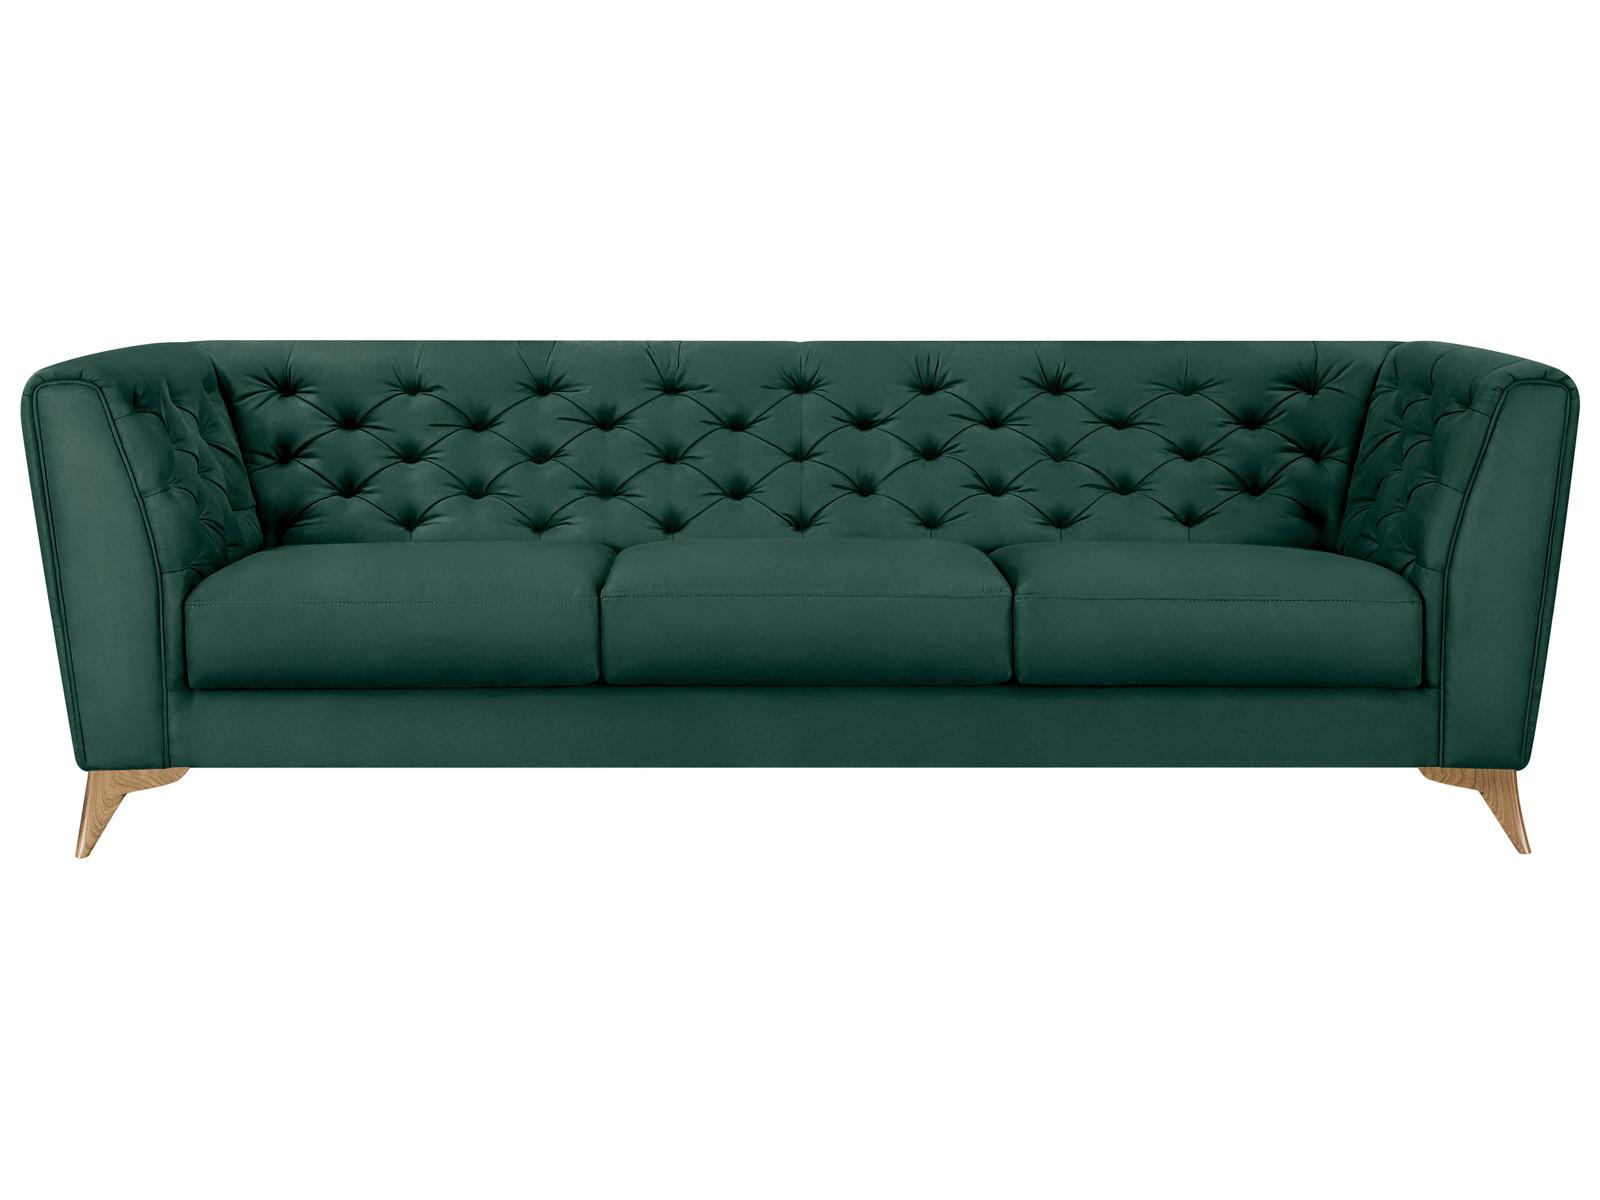 Диван тканевый прямой Честер MebelVia Зеленый, Искусственная замша, Д Зеленый